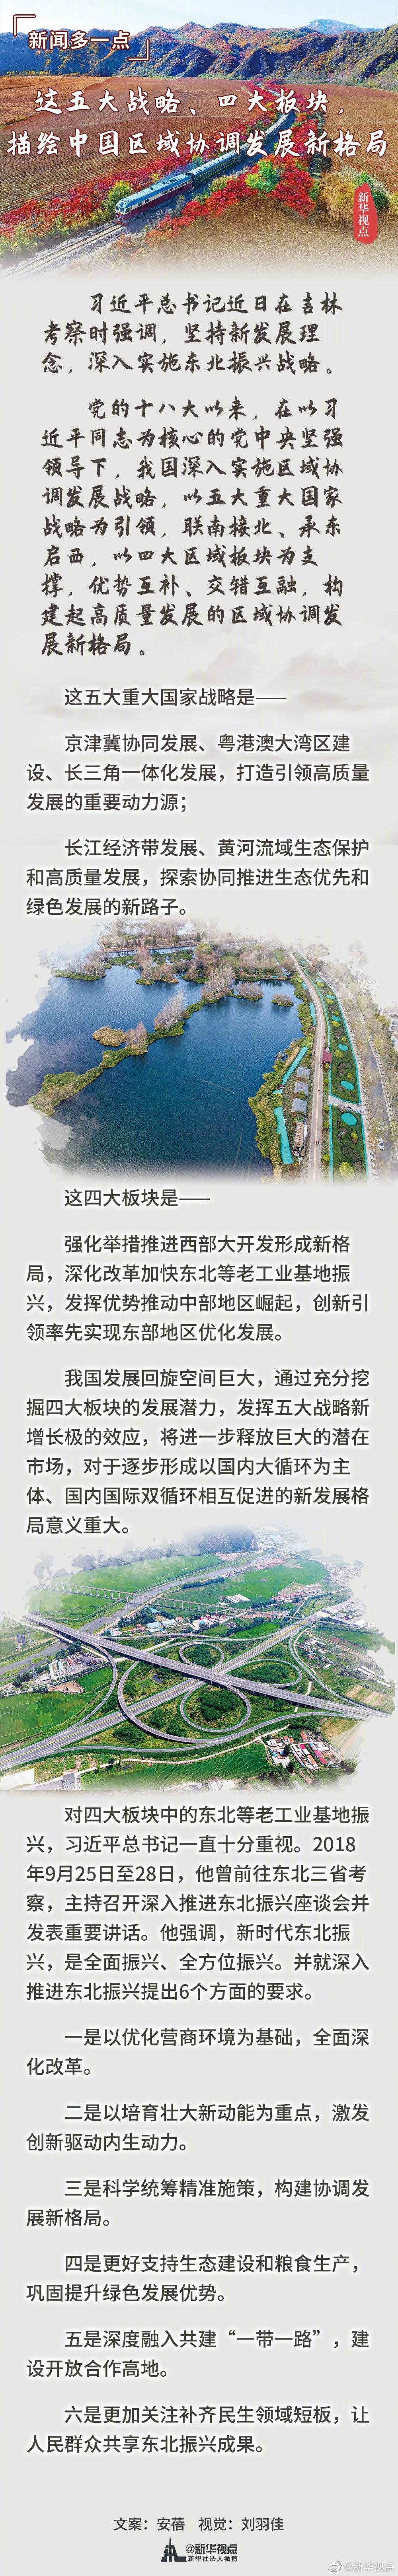 杏悦,描绘中国区域协调杏悦发展新格局图片